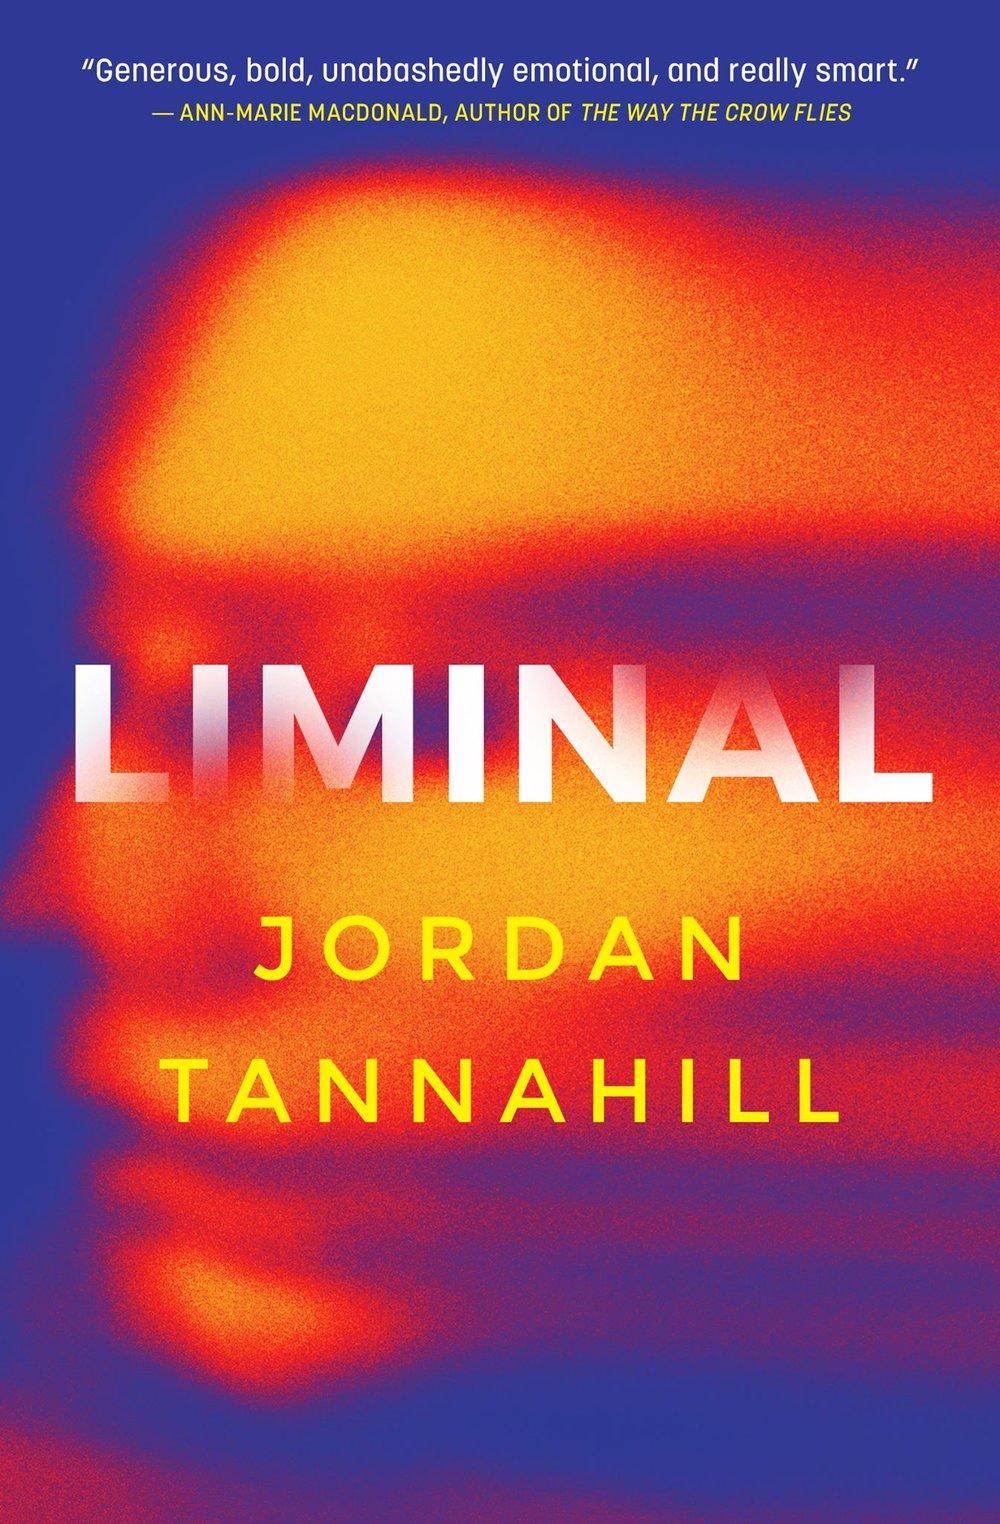 jordan-tannahill